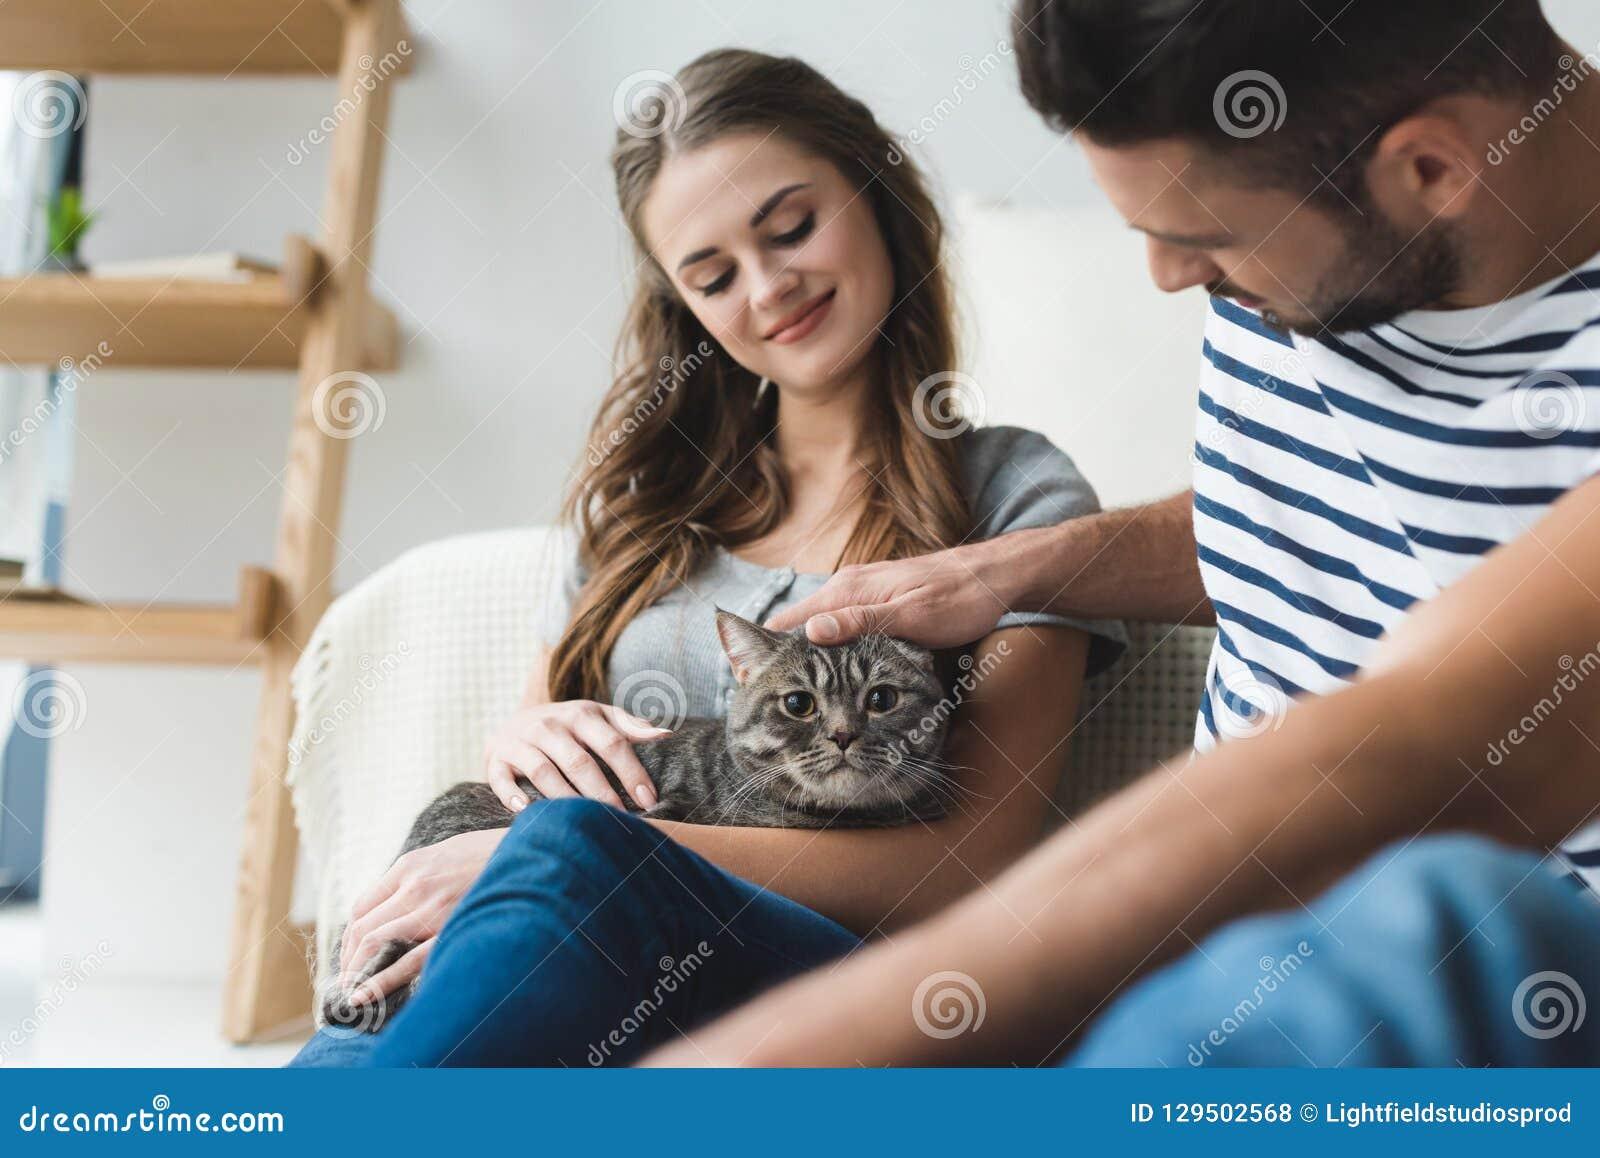 Glückliche junge Paare, die zu Hause Katze beim Sitzen streicheln